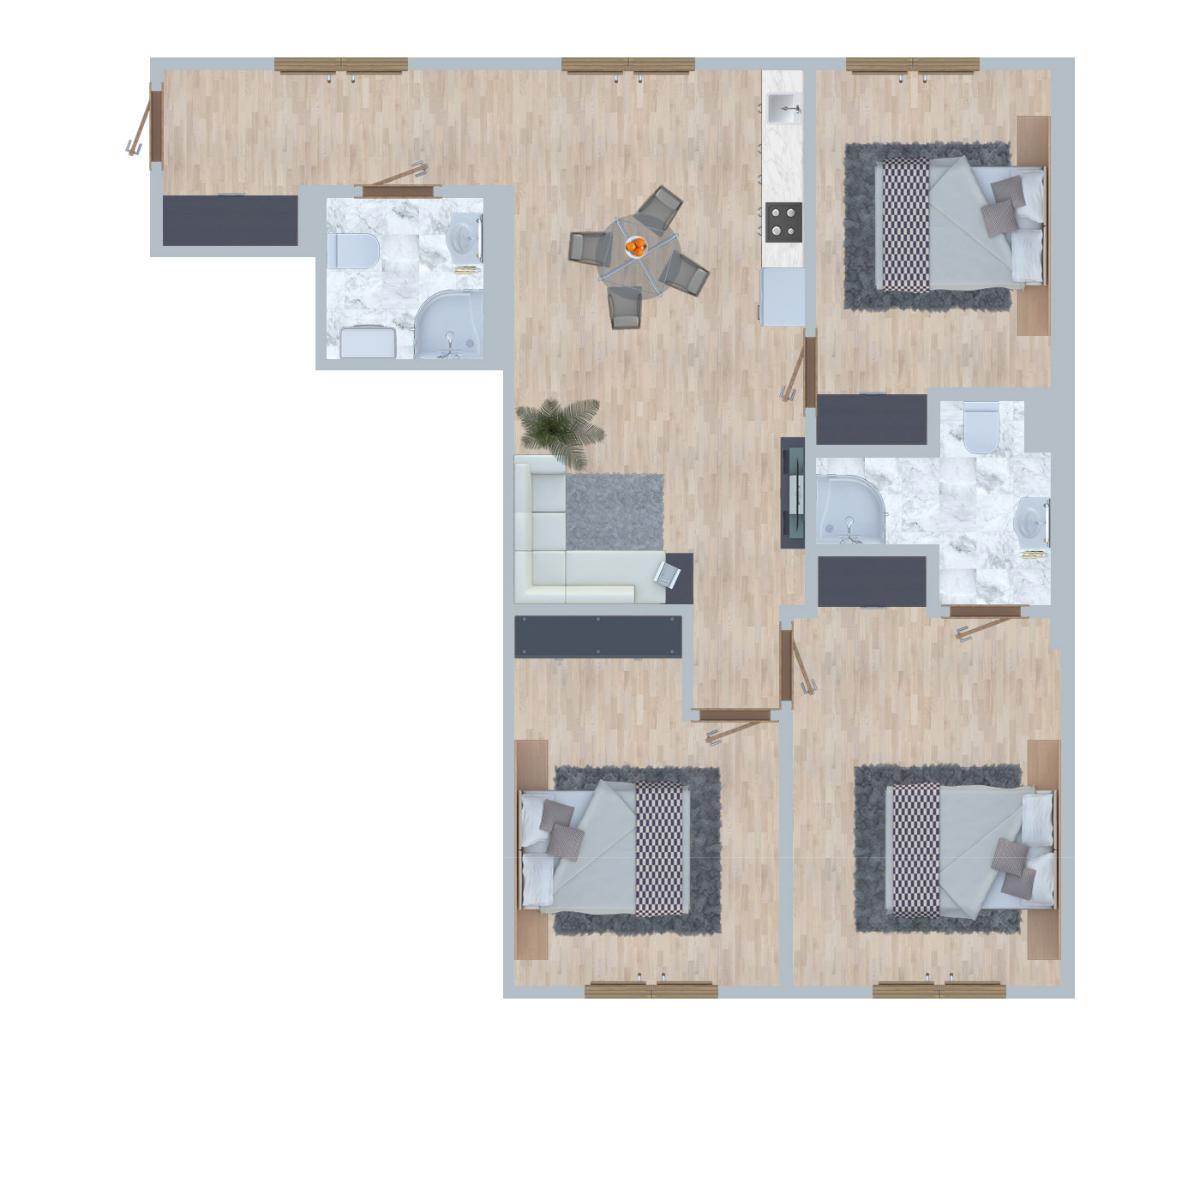 Pārdod dzīvokli, Zasulauka iela 28 - Attēls 1